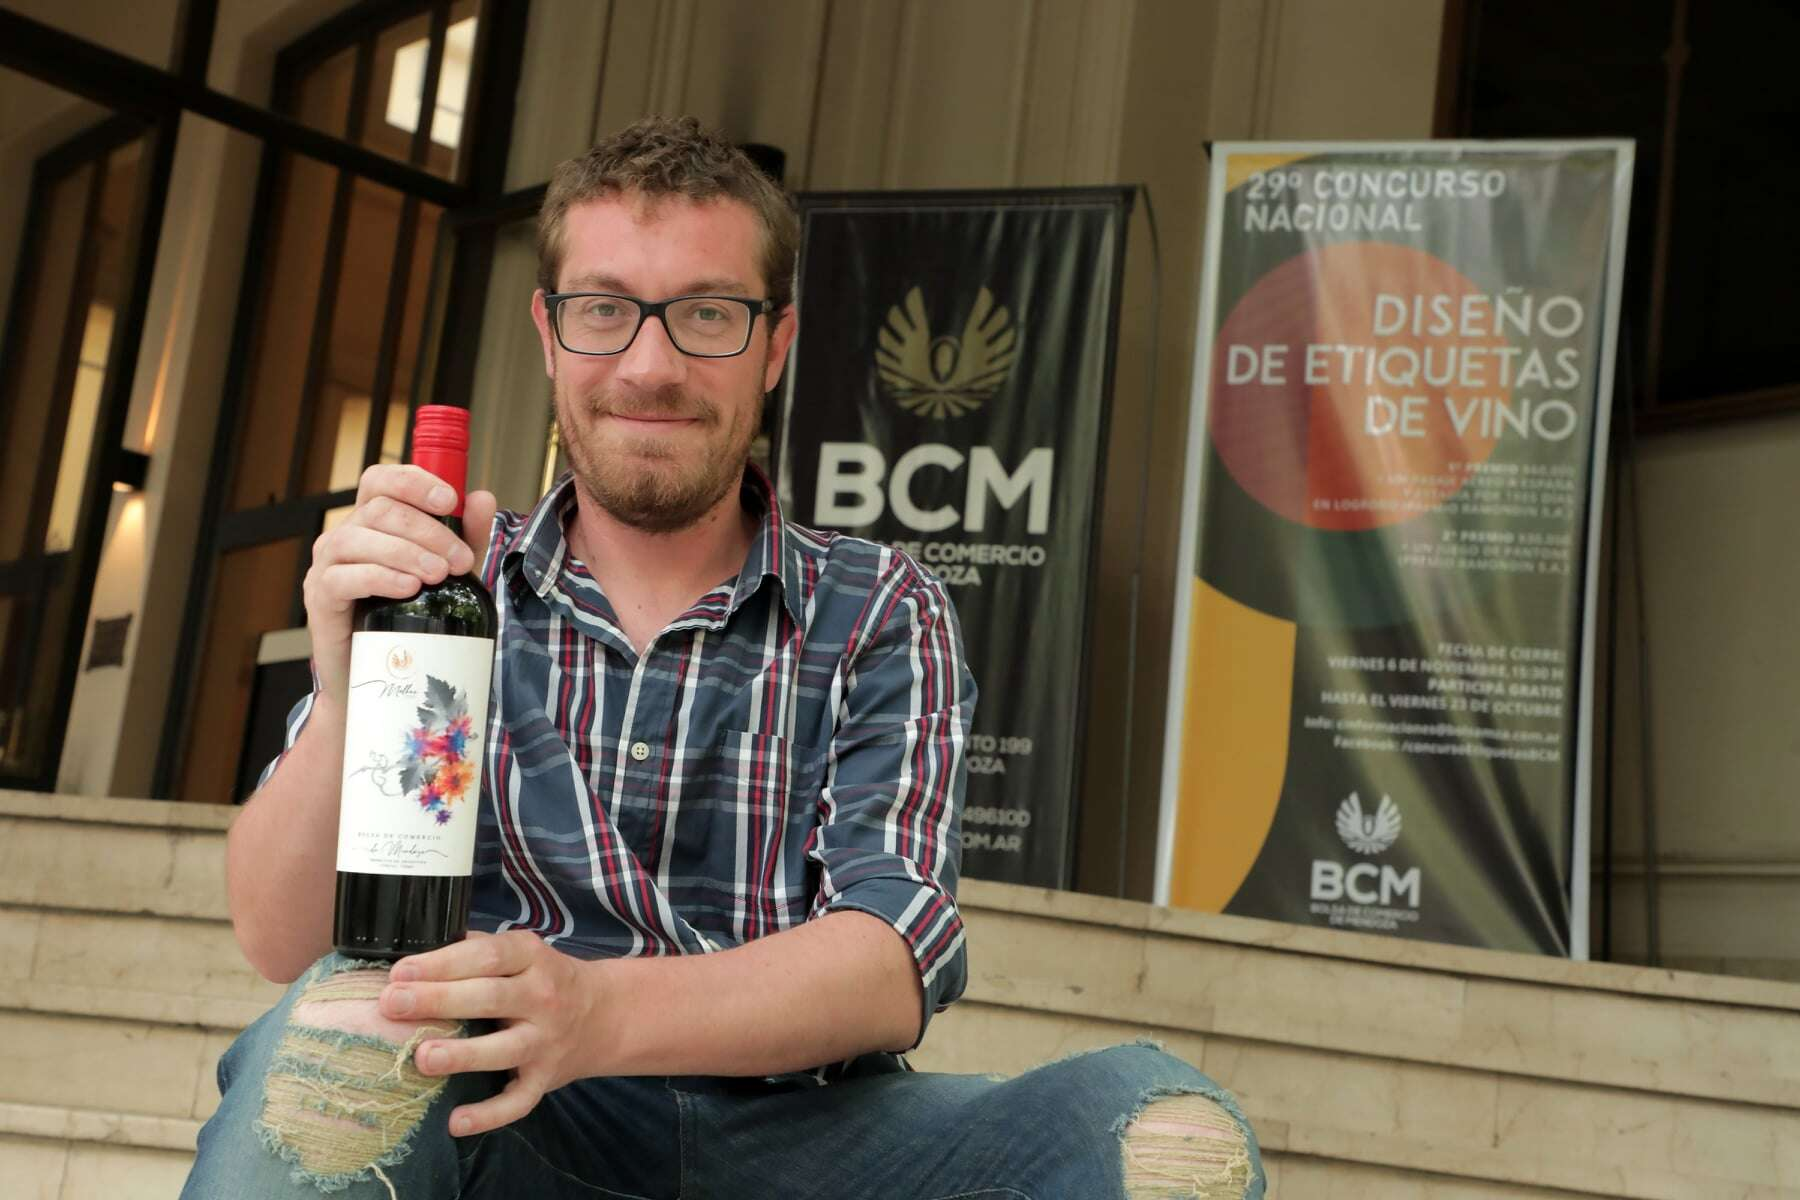 Nueva edición del Concurso Nacional de Etiquetas de Vino